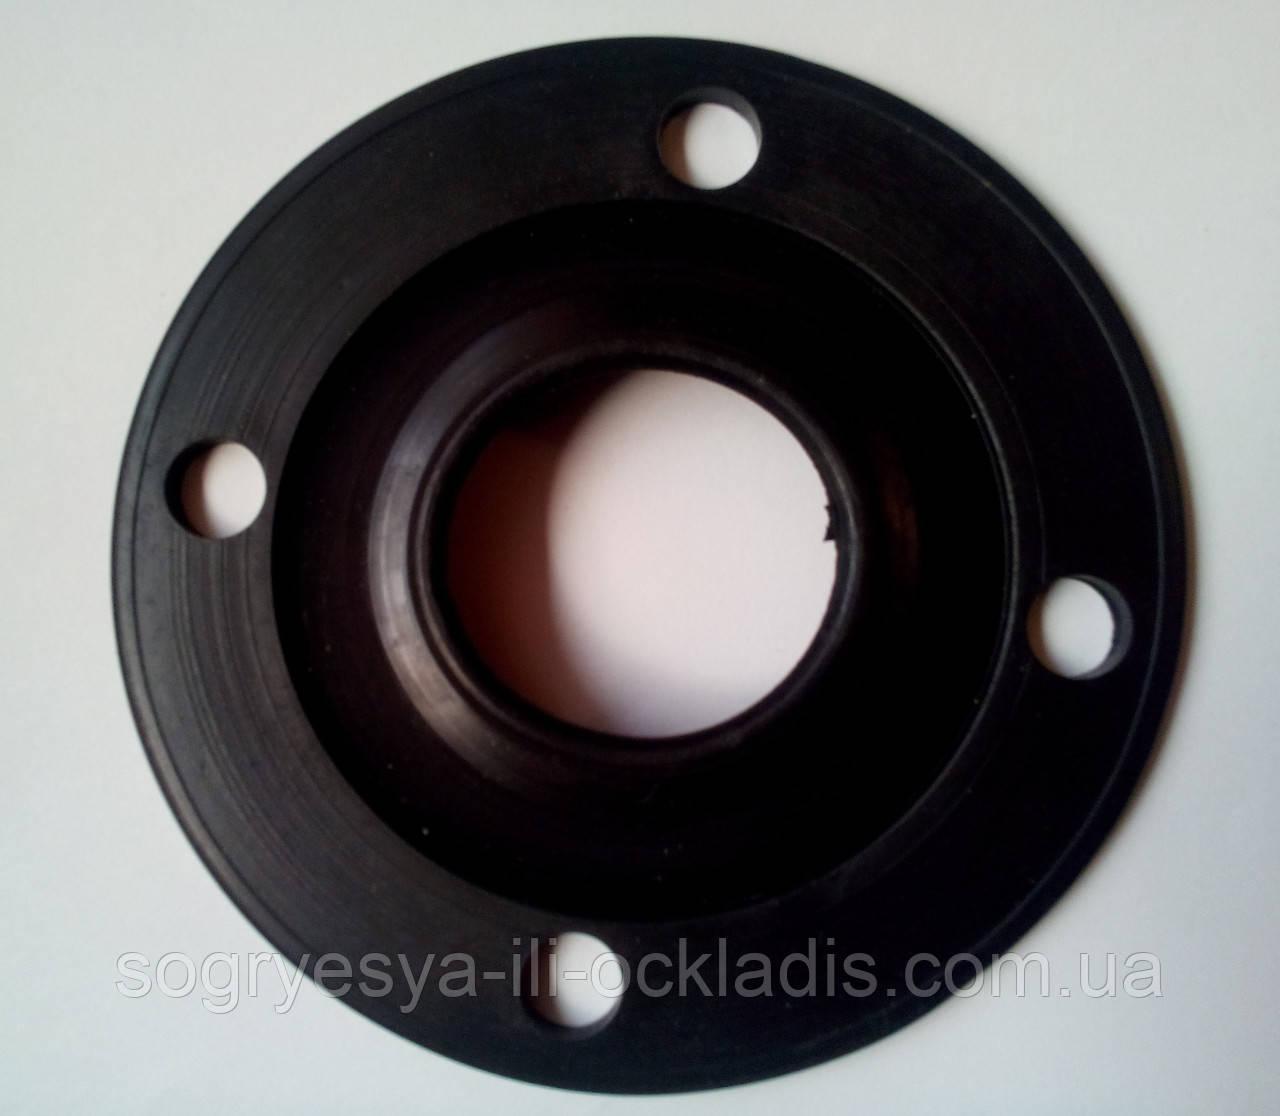 Прокладка для бойлера Thermex, Isea, Round. код товара: 7139